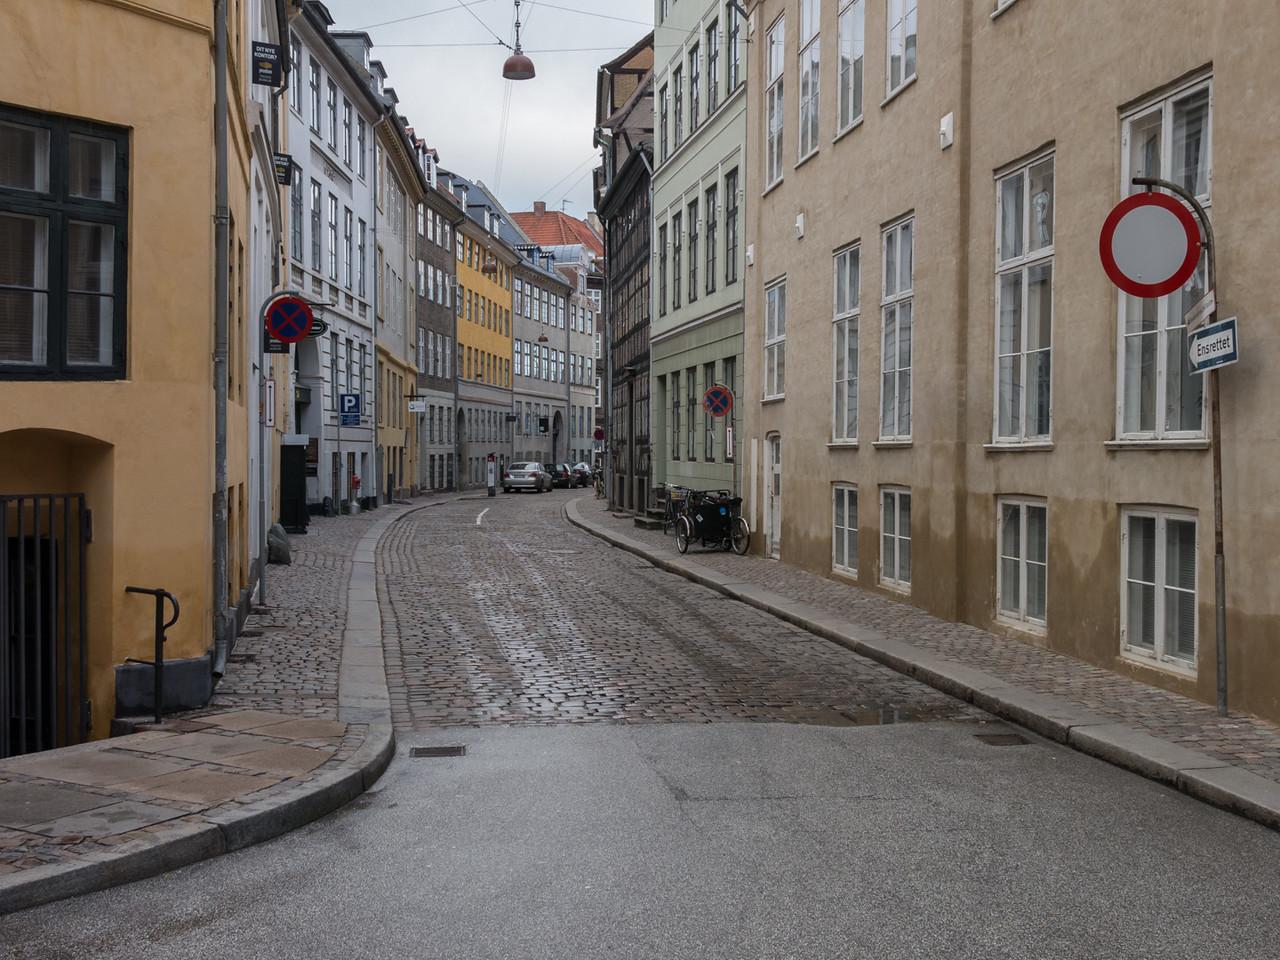 köbenhavn_2015-01-03_120350